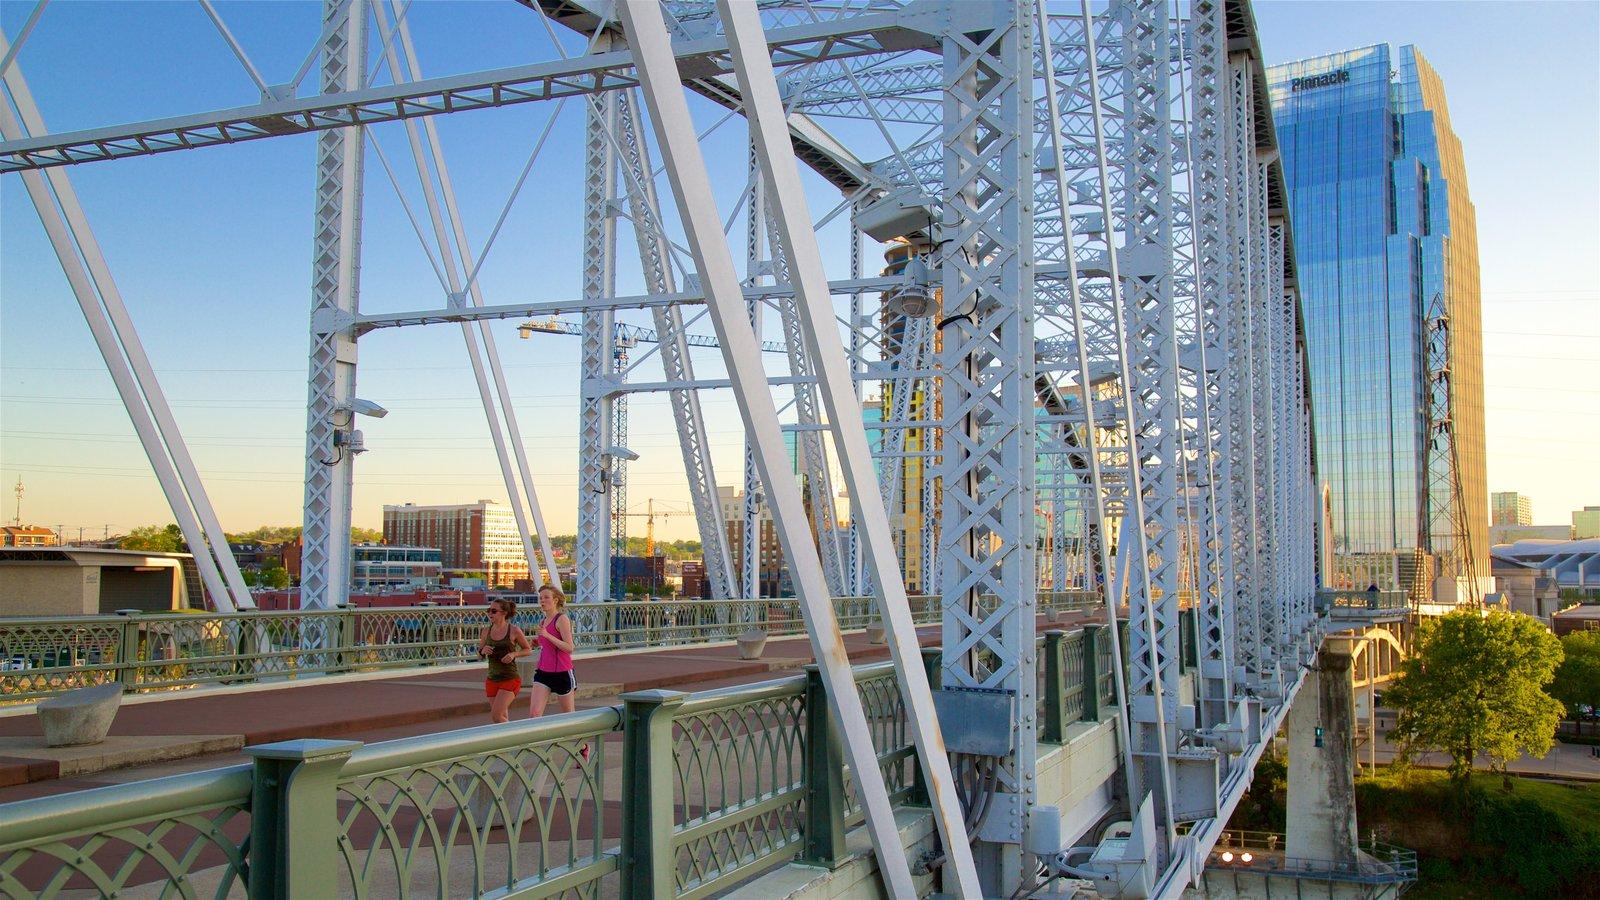 Cumberland Park mostrando senderismo o caminata, un puente y una ciudad